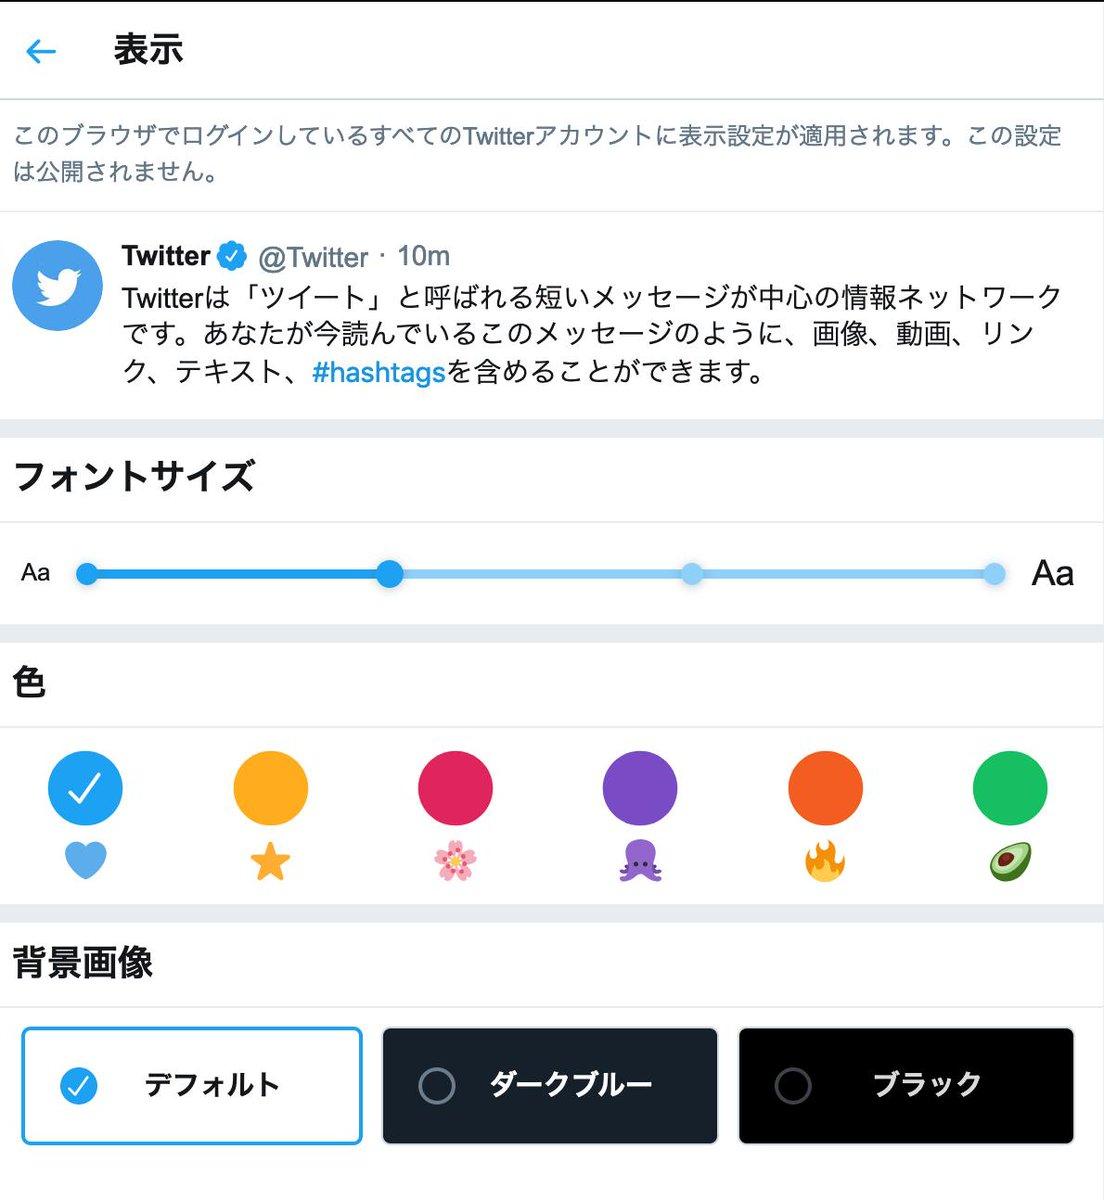 test ツイッターメディア - 勝手に「まったく新しいTwitter」になった。もう元の表示には戻れなそう。 背景色をデフォルト、ダークブルー、ブラックから選べるが、以前できたテーマカラーの変更はカラーコードで細かい色指定はできなくなくなり、どの背景にしても見える色の組み合わせで用意された色のみ指定できる模様 #Twitter https://t.co/EmVRYwSchH